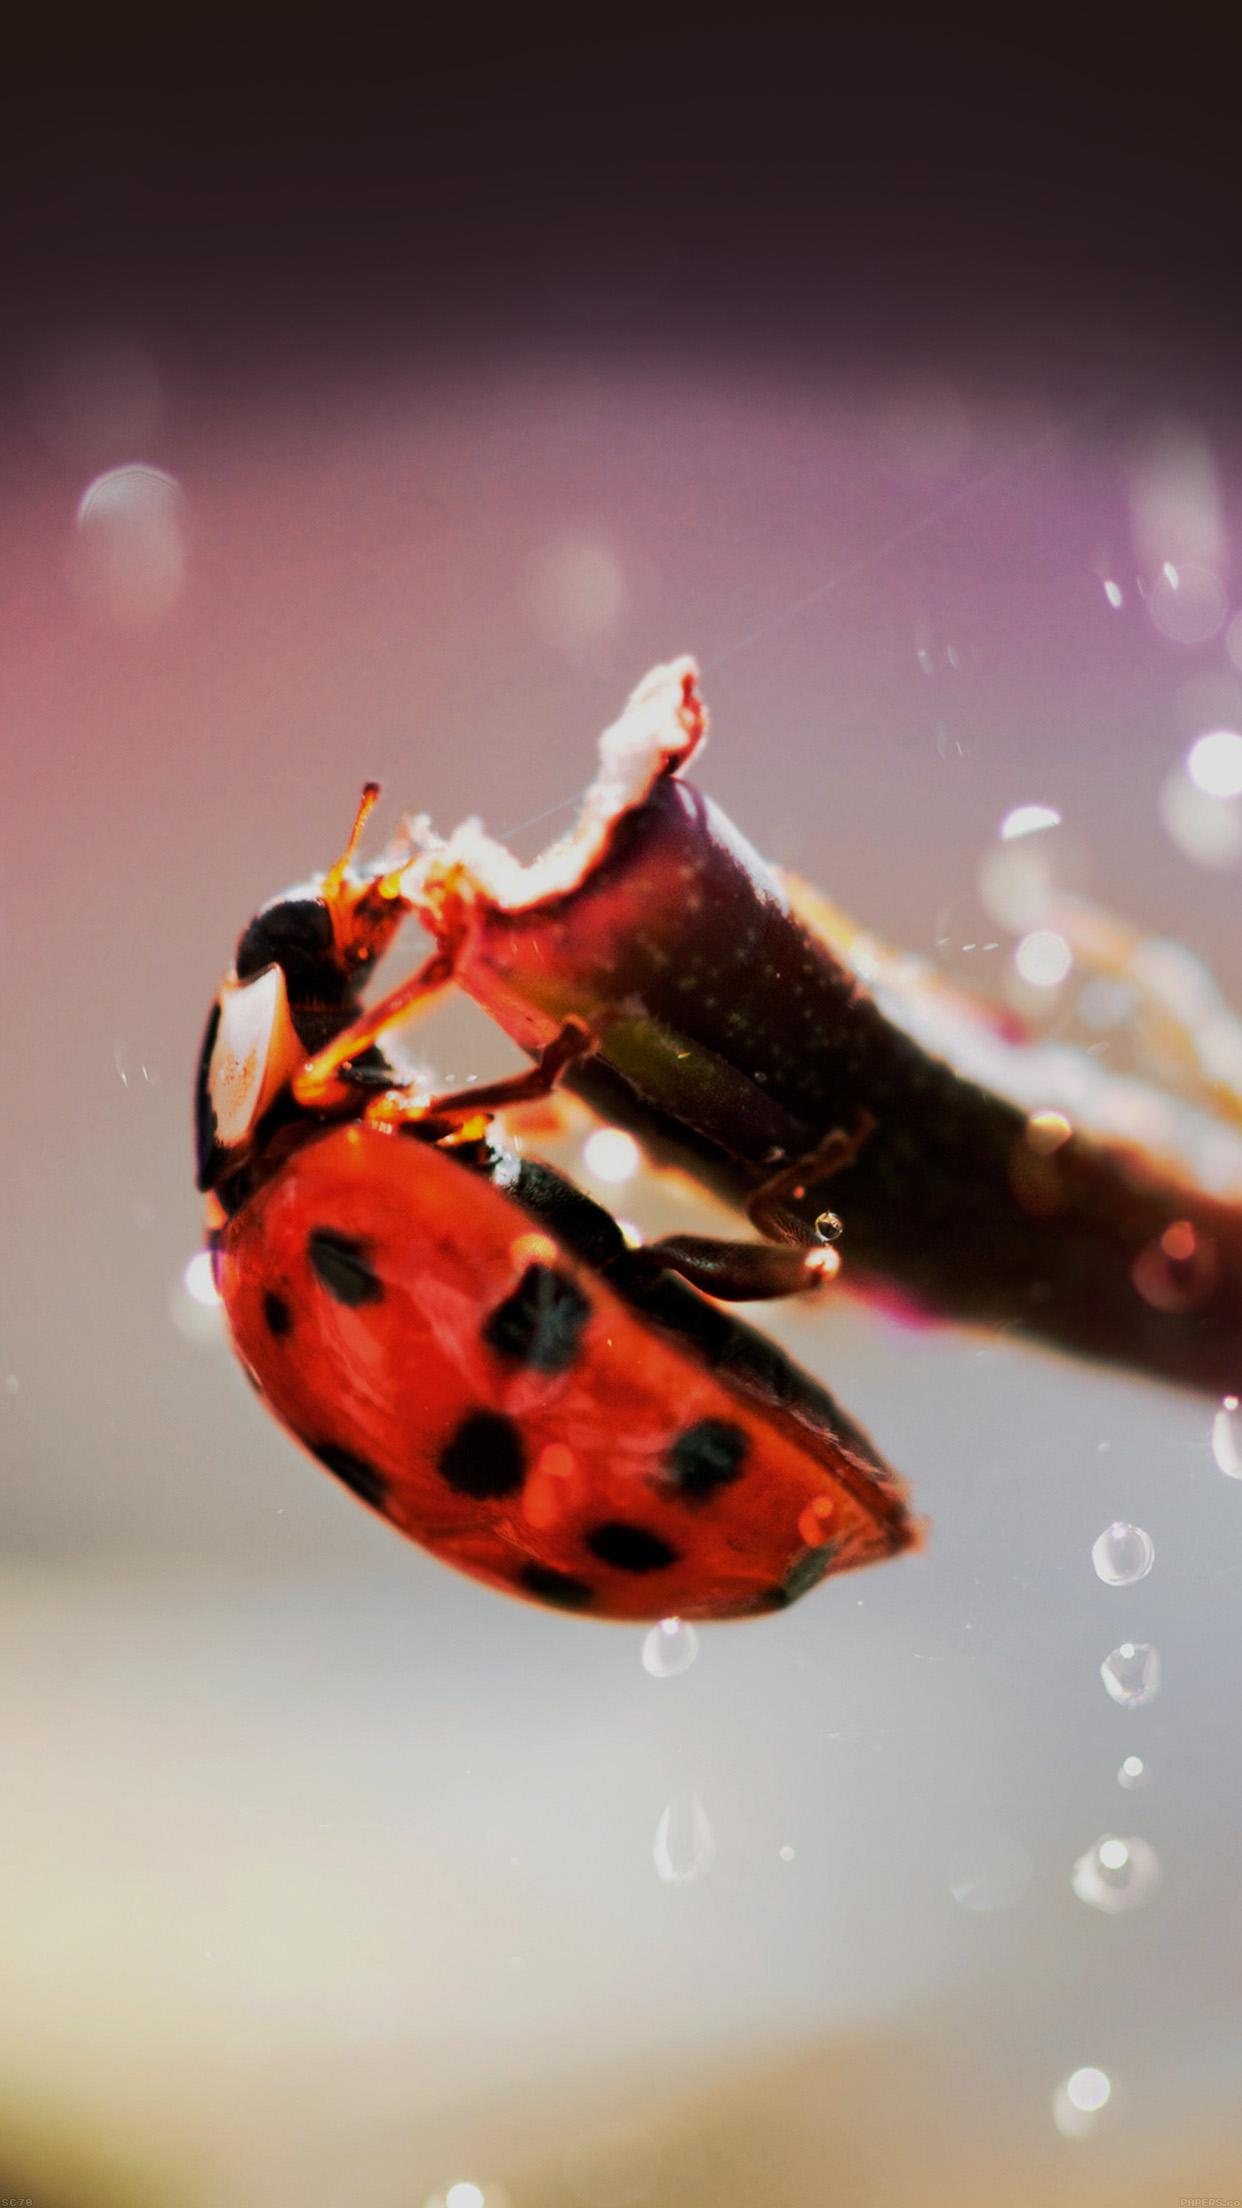 lady bug macro zoom animal